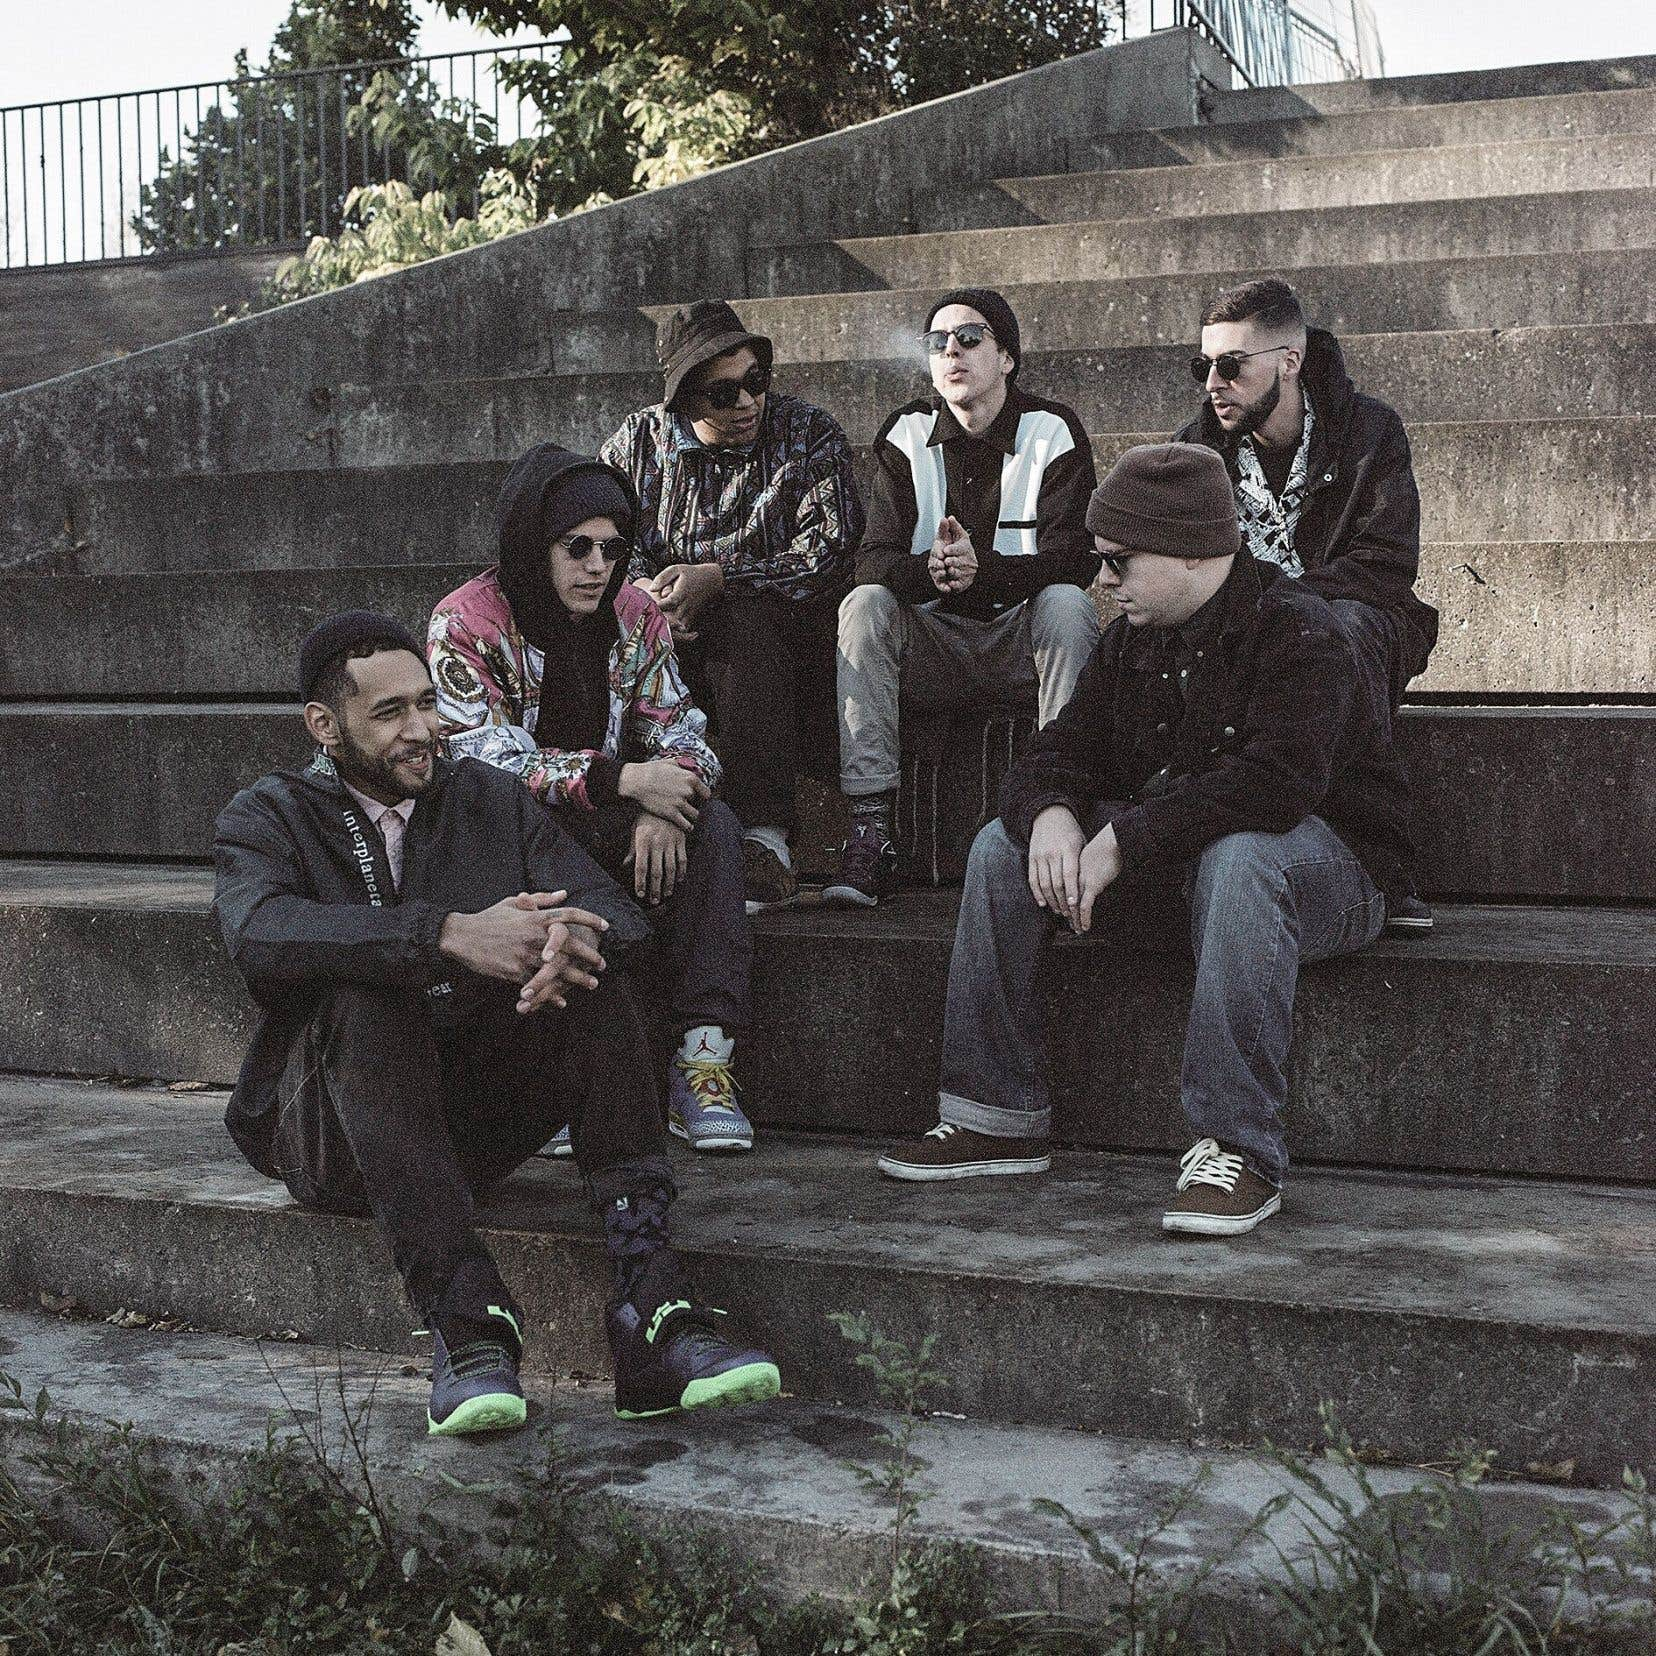 Le groupe Dead Obies a reçu les prix du Meilleur album rap de l'année, de la Chanson de l'année, du Spectacle de l'année et de la Révélation de l'année.